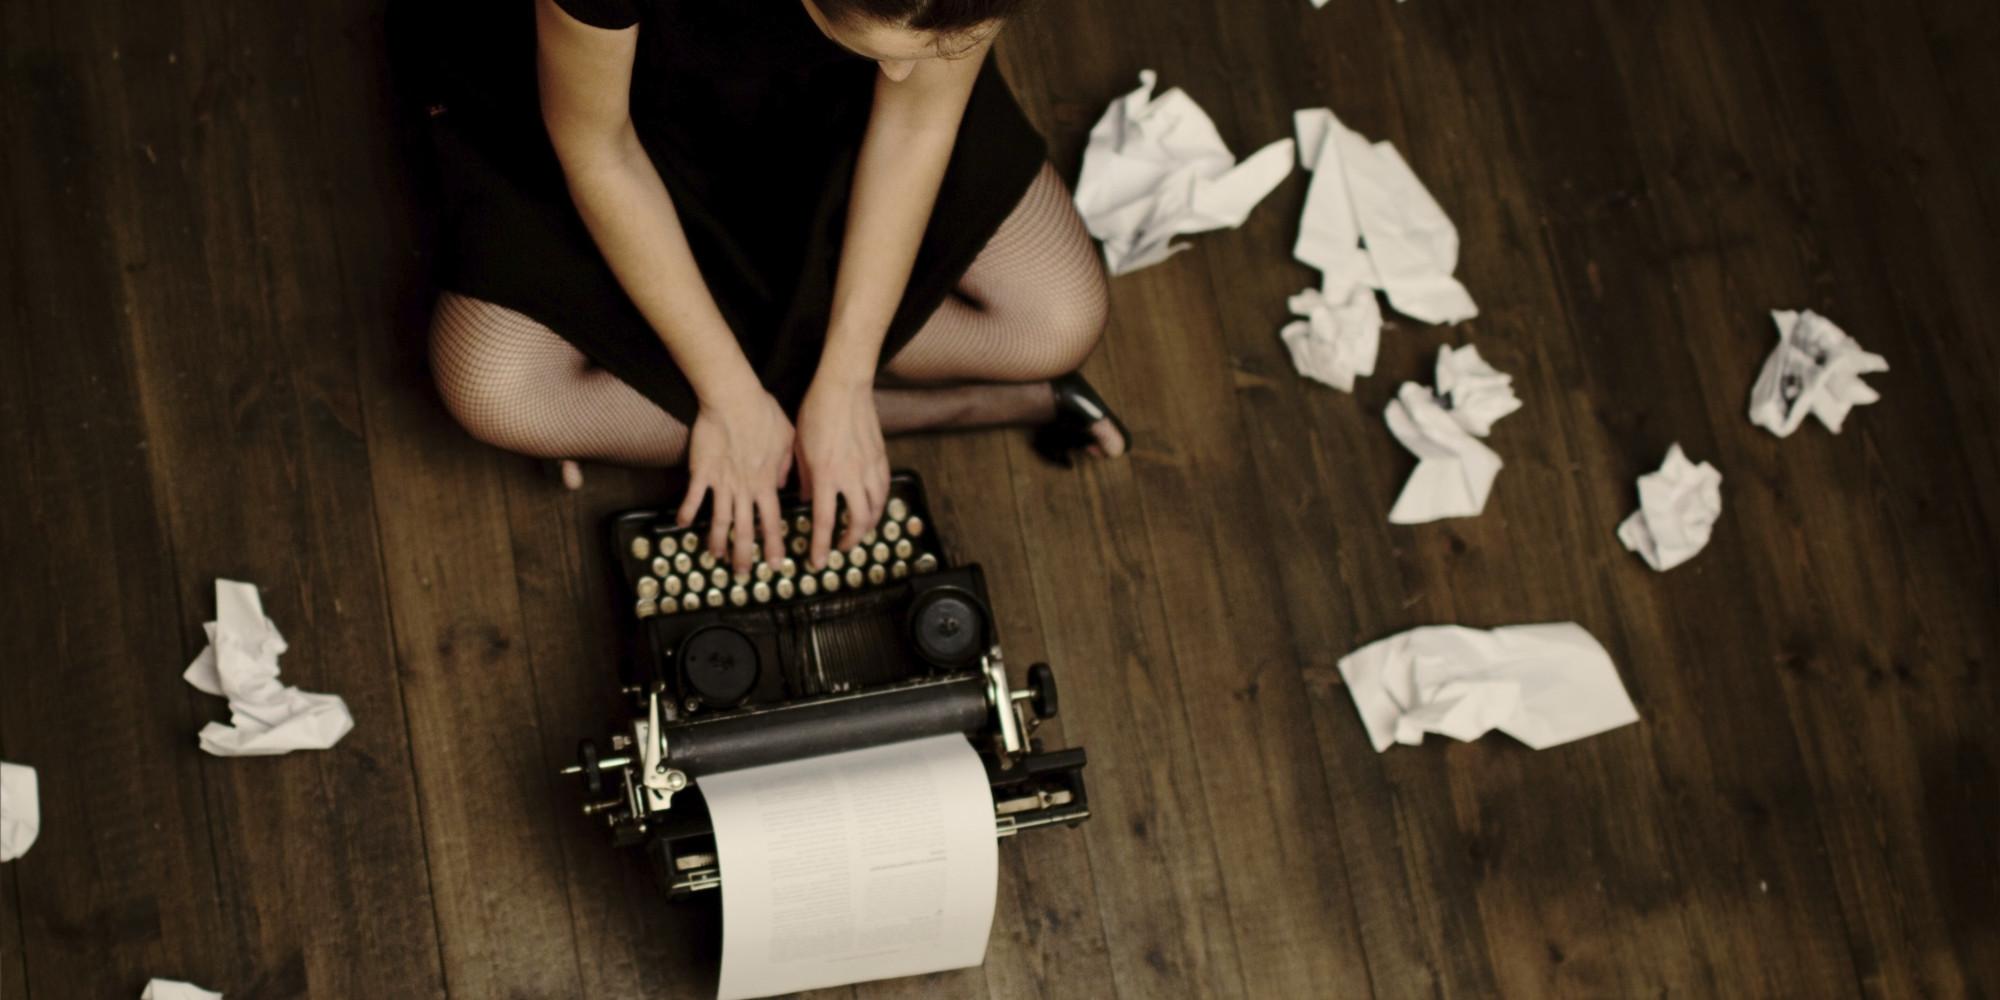 Τα λάθη των freelancer και πώς να αυξήσεις το εισόδημά σου από το γράψιμο